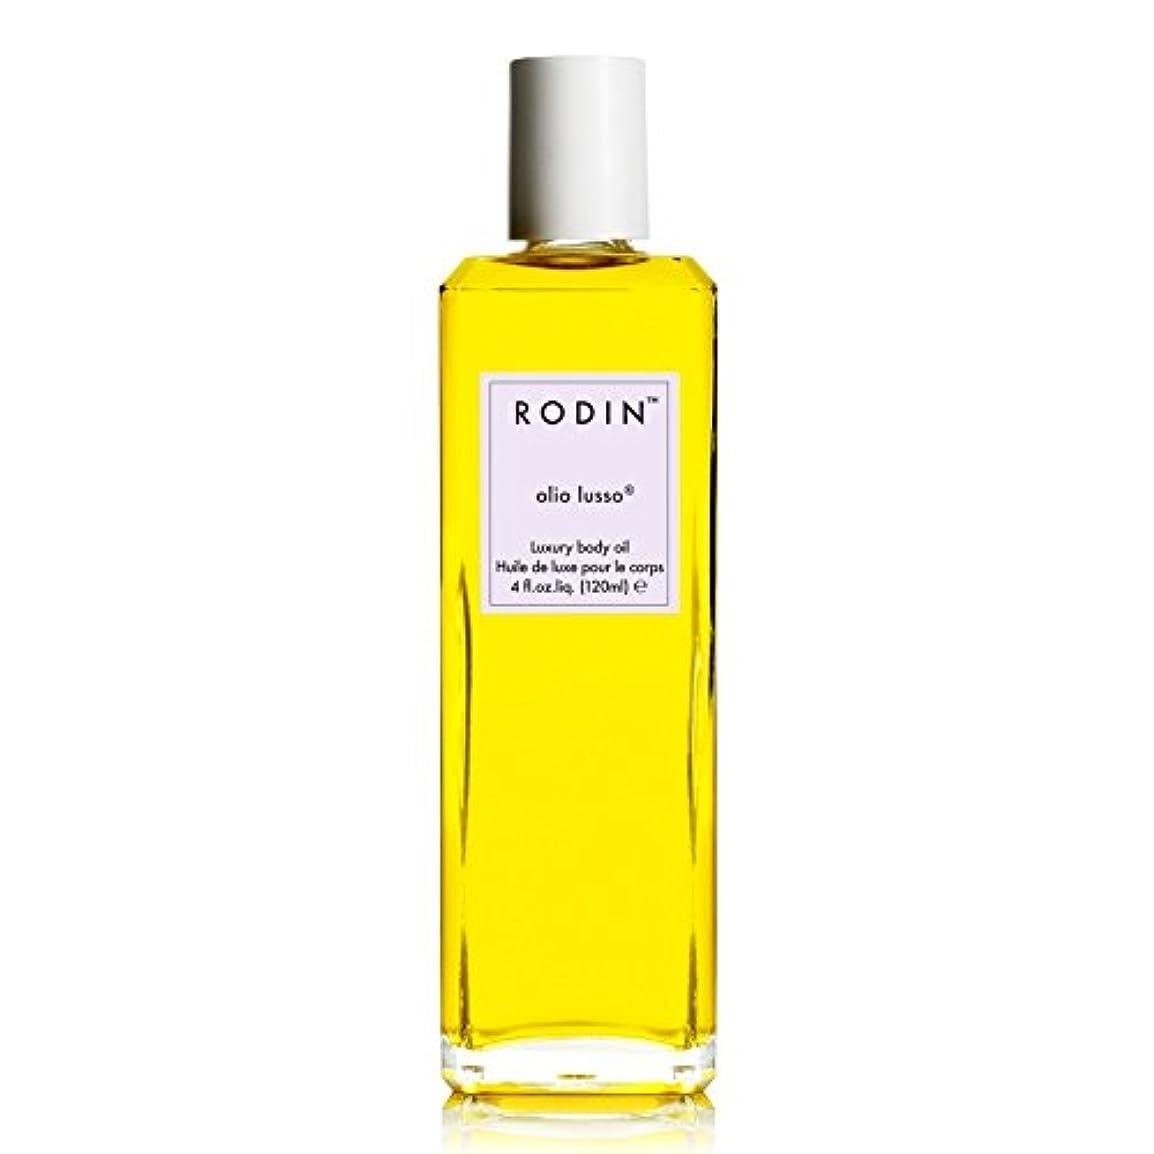 接地逆説対人ロダンルッソラベンダー絶対贅沢なボディオイル30ミリリットル x4 - RODIN olio lusso Lavender Absolute Luxury Body Oil 30ml (Pack of 4) [並行輸入品]